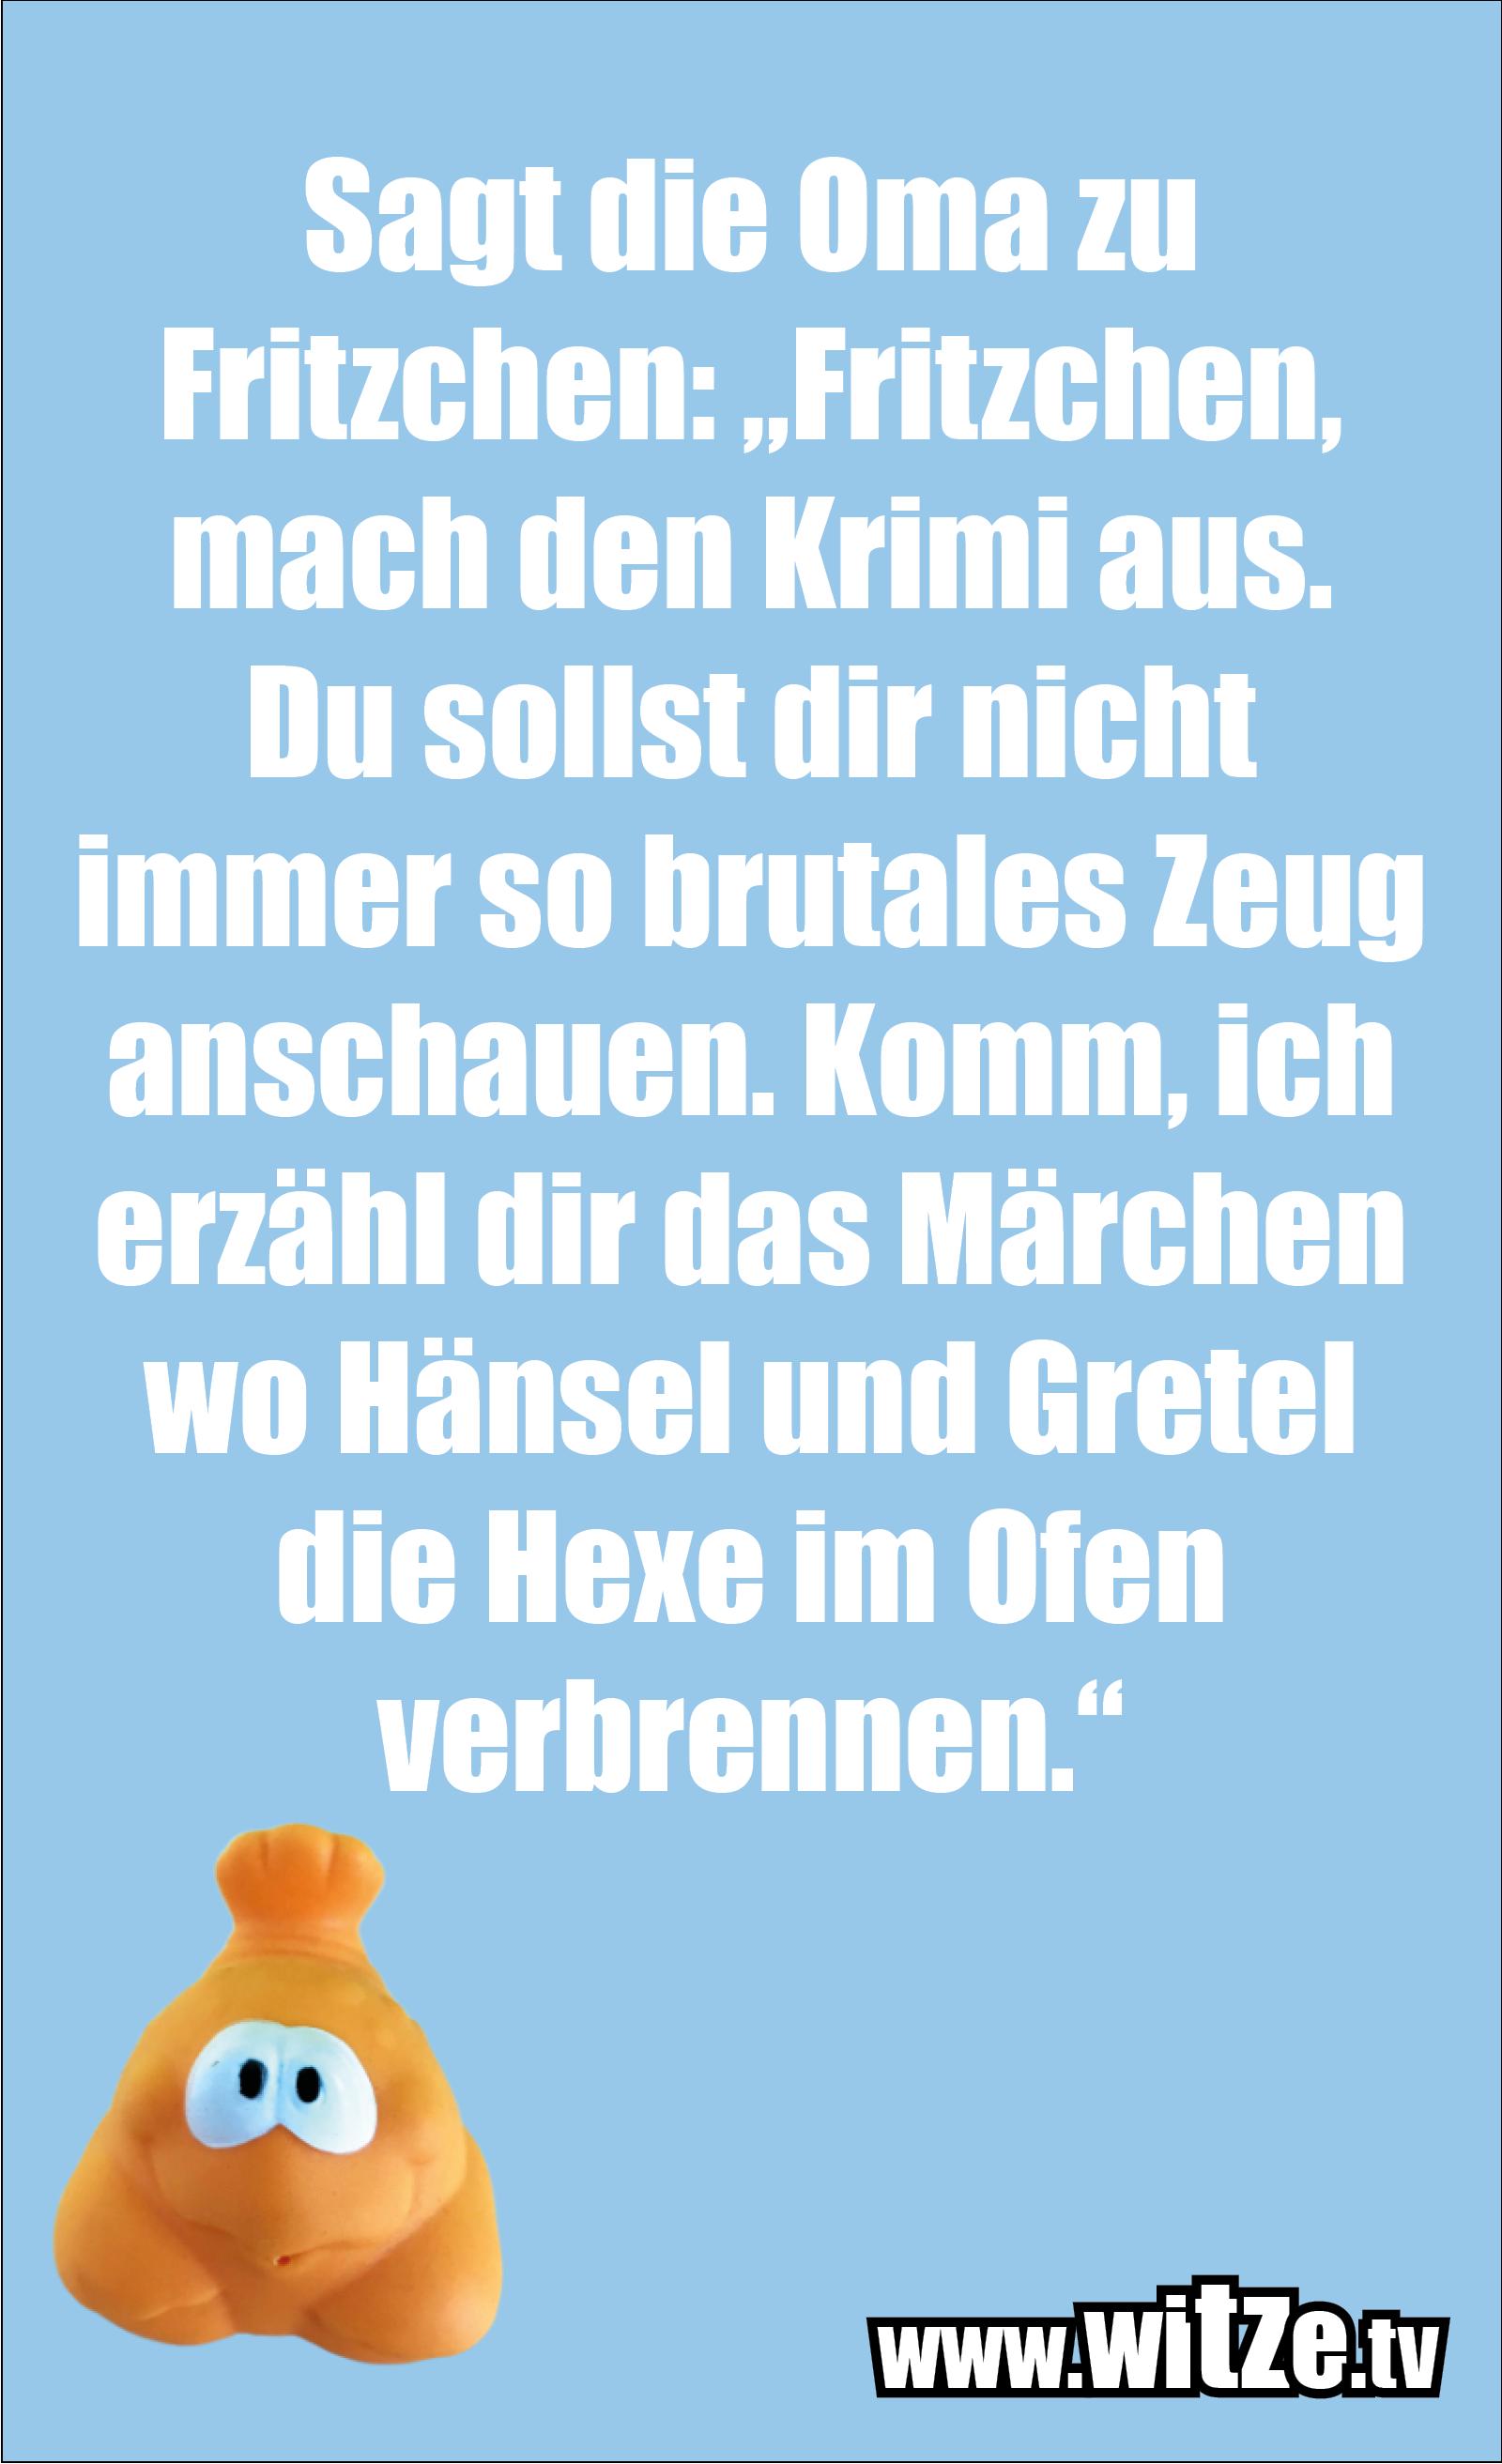 Hammer Gag... Sagt die Oma zu Fritzchen...